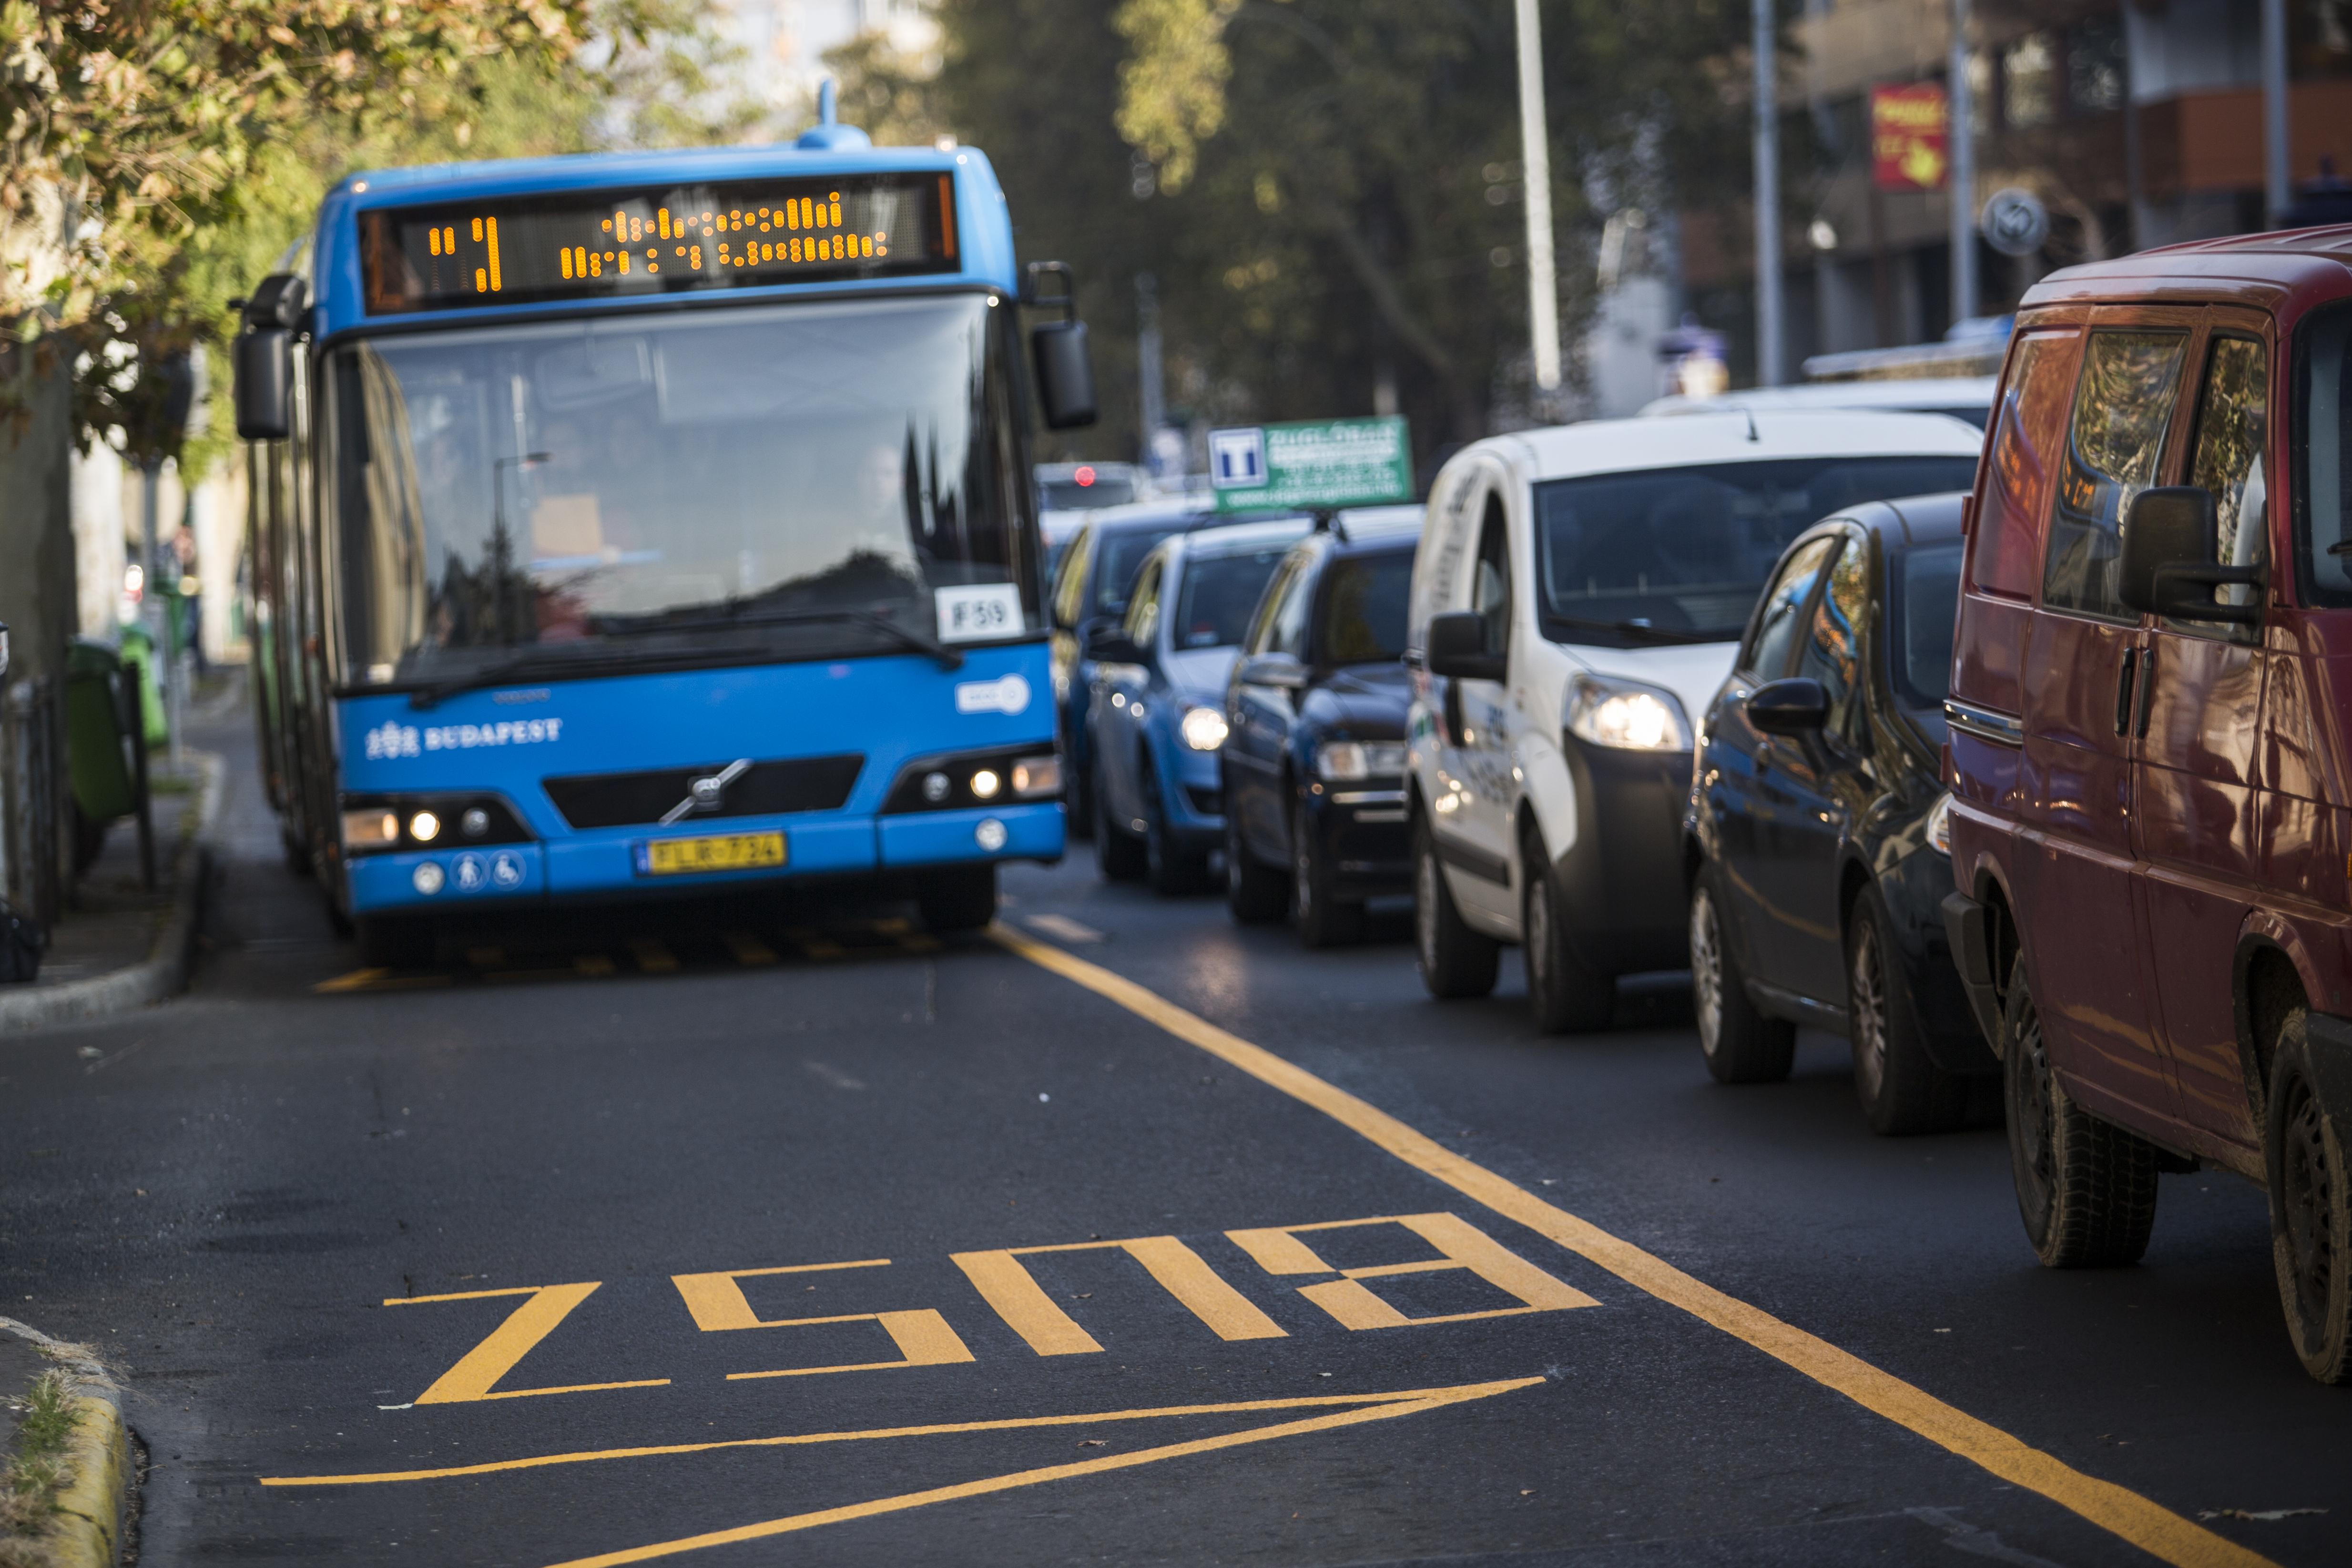 Szombattól nemcsak parkolóhely nem lesz Budapesten, de 3-as metró sem